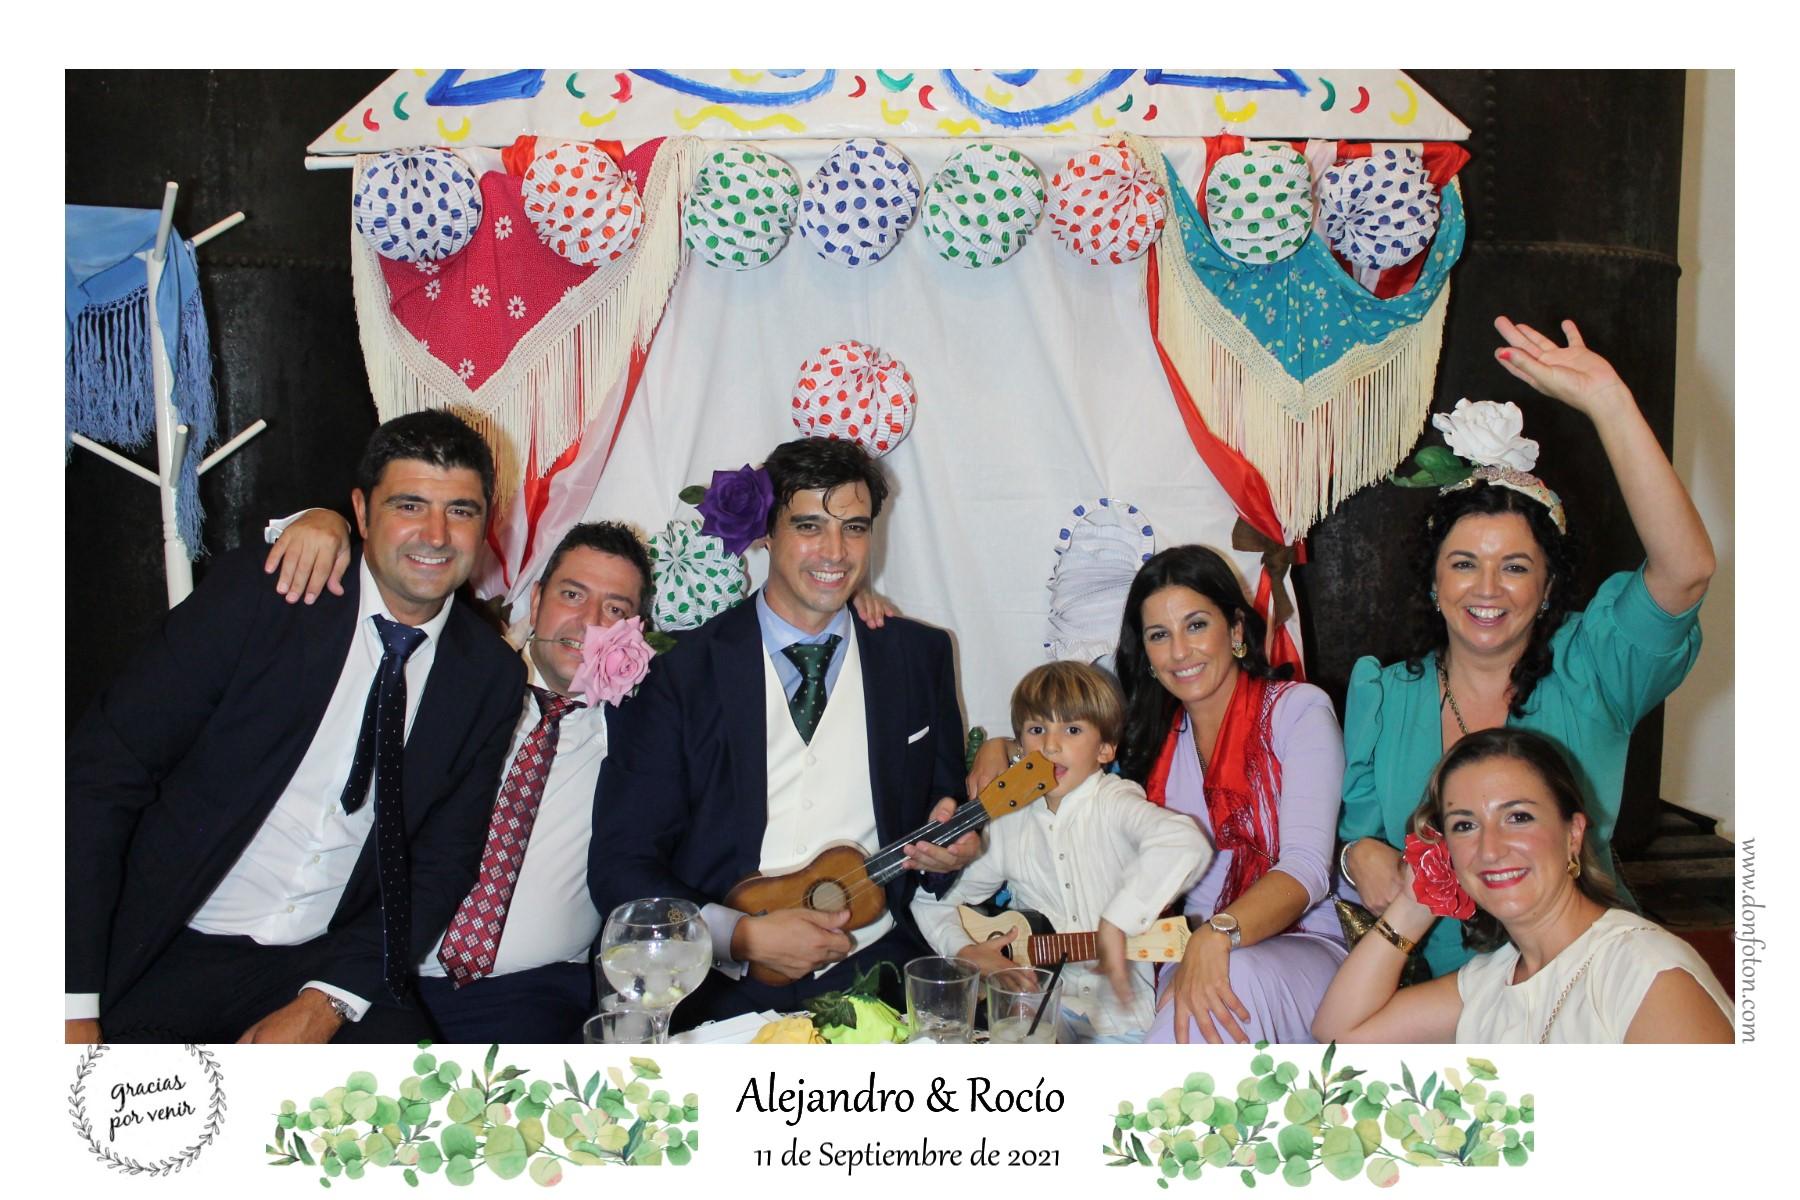 Alejandro y Rocio